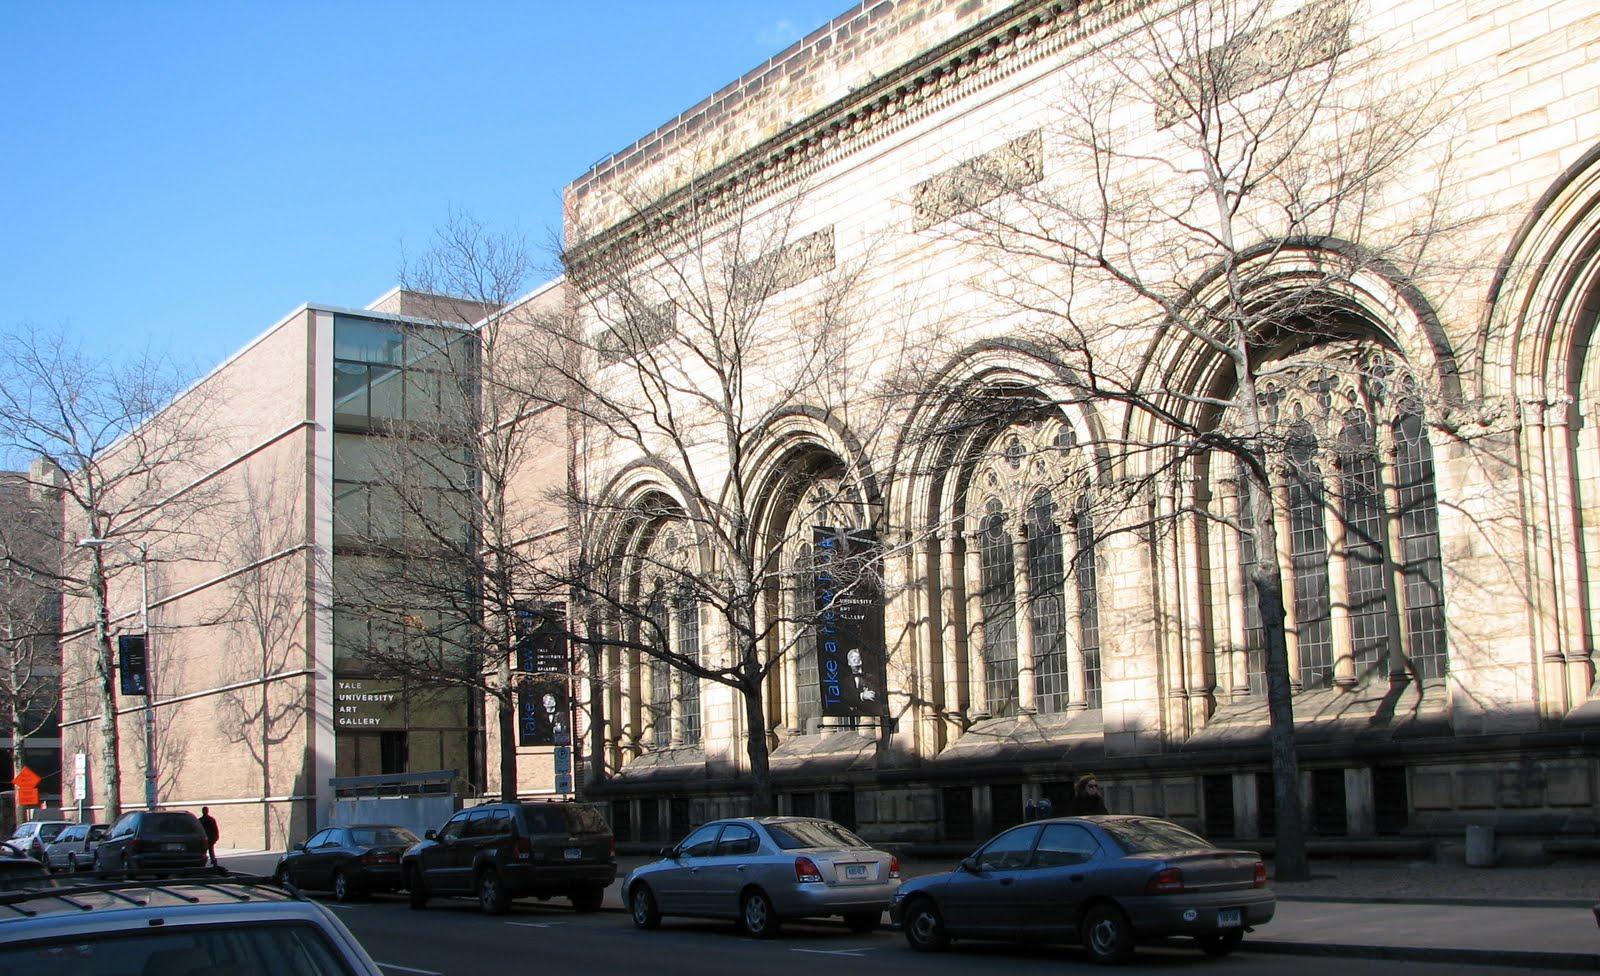 http://4.bp.blogspot.com/-I77iMAZPke8/TlJoQnupksI/AAAAAAAAD1A/AjyGHwY7YHI/s1600/Yale-University-www.yale_.edu-Yale-College.jpg